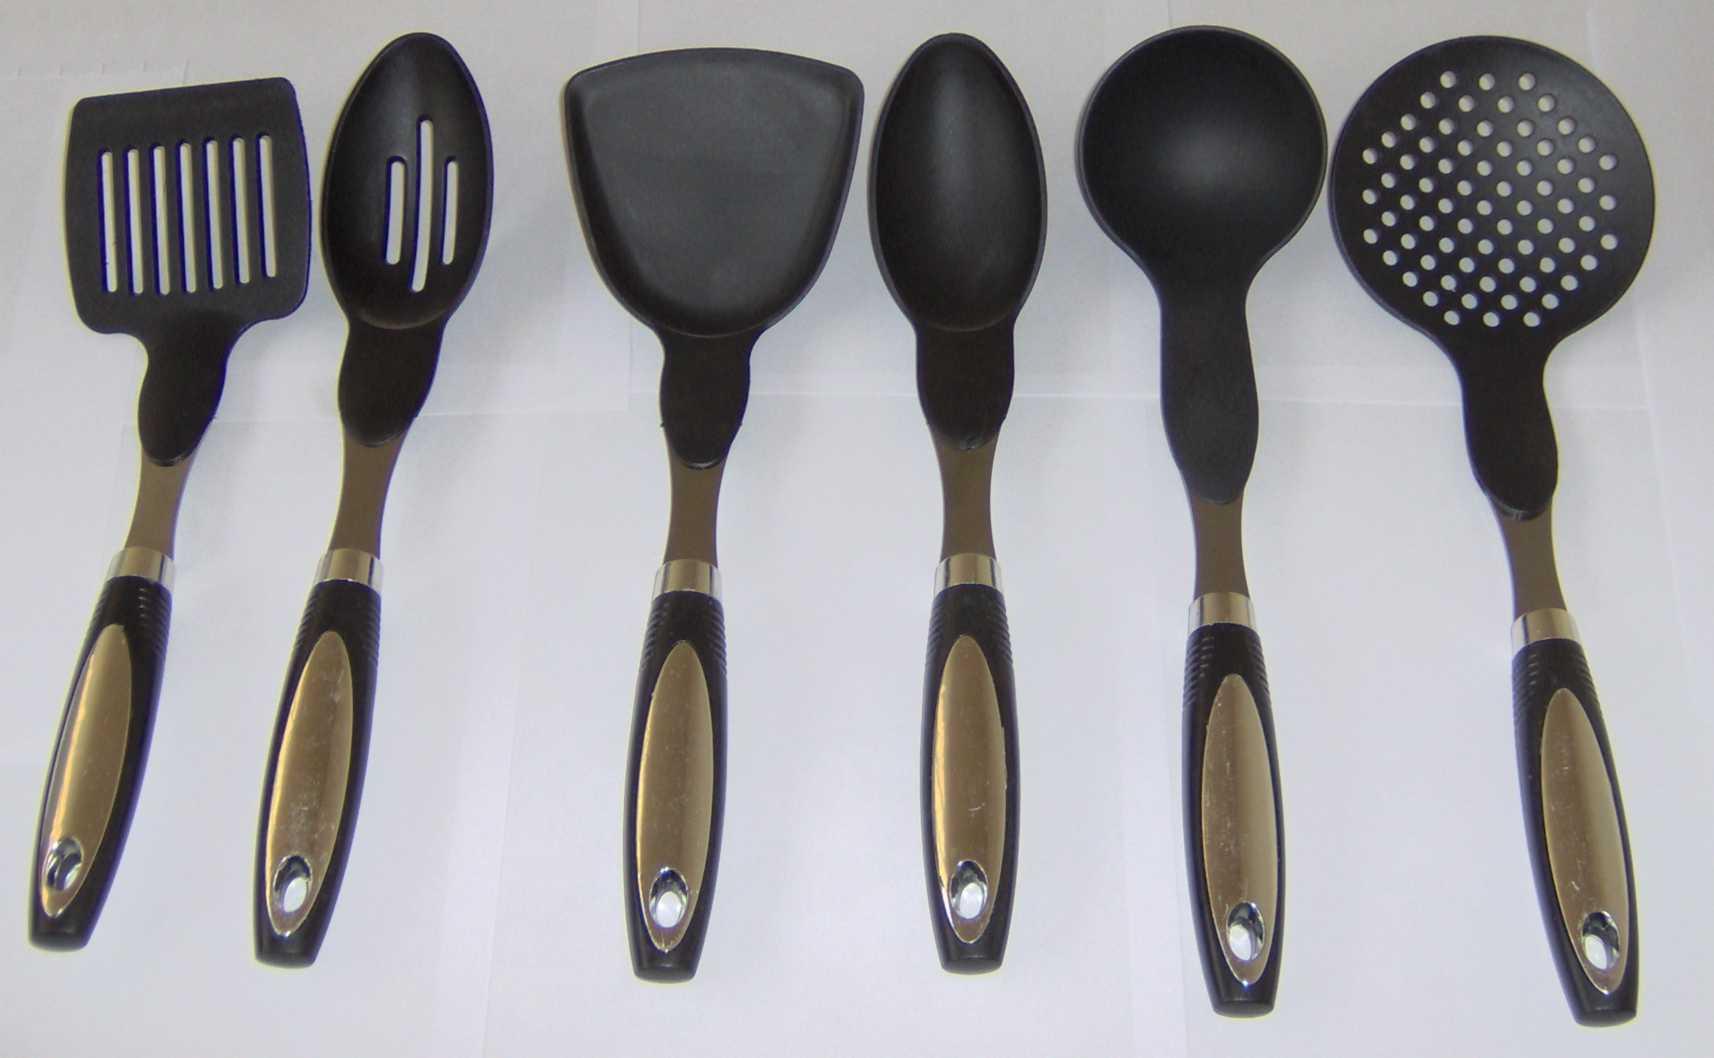 Sirge elettrodomestici set 6 mestoli da cucina con cestell for Attrezzi da cucina in silicone